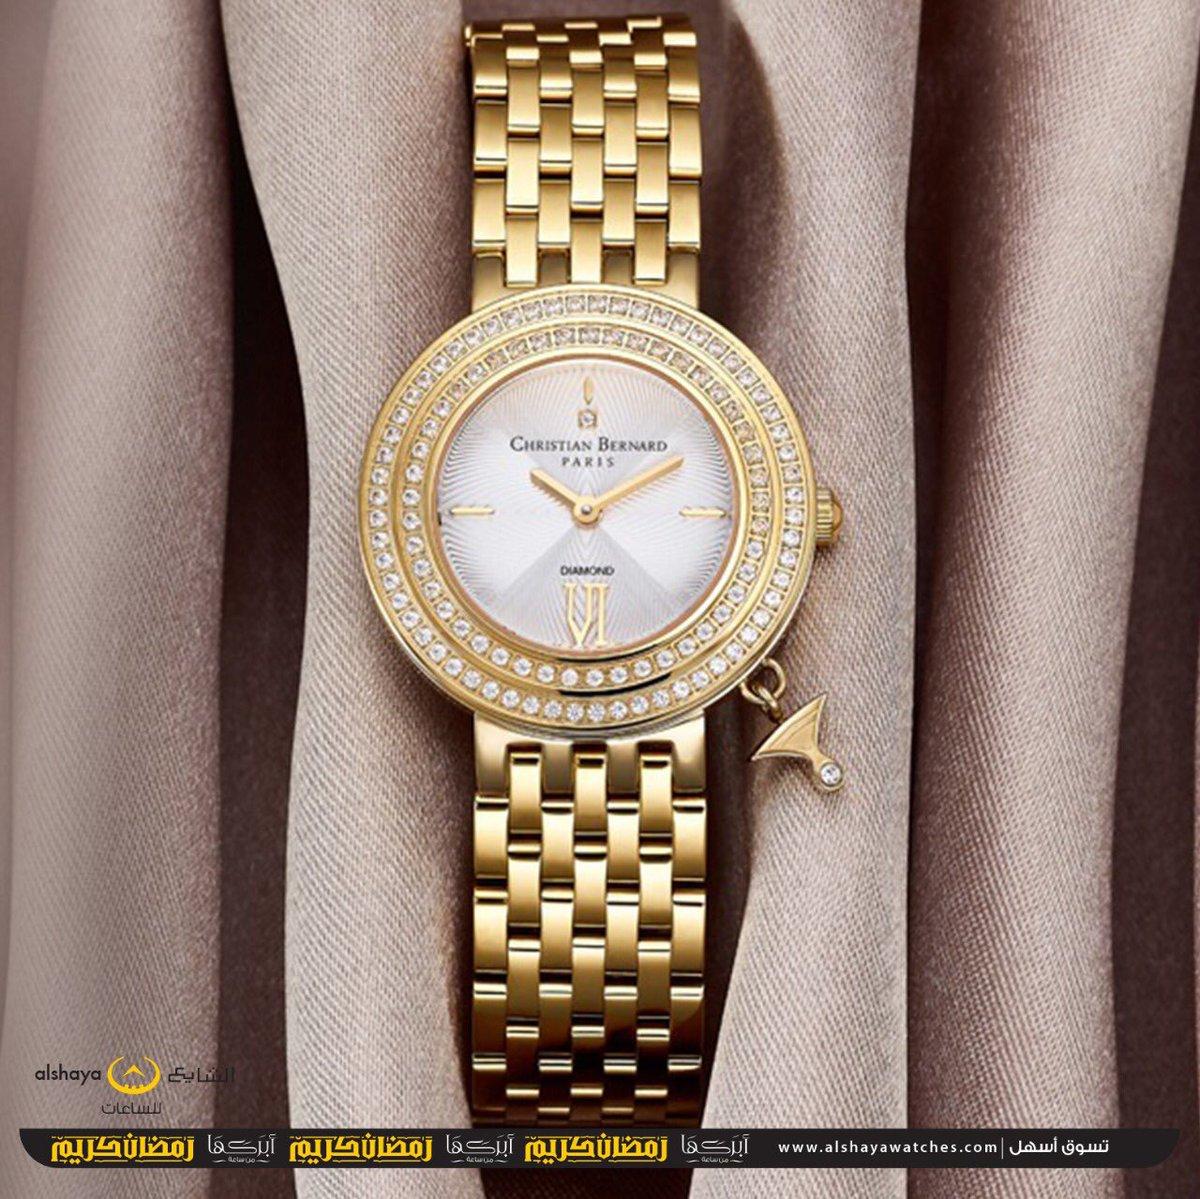 e21c051a0 ... ساعة بتفاصيل لون الذهب وحواف مرصعة بالألماس صنعت هذه #الساعة من  CHRISTIAN BERNARD تتميز بميناء مختلف ليجعل حضورك متميز عن الكل مع هذه  القطعة.